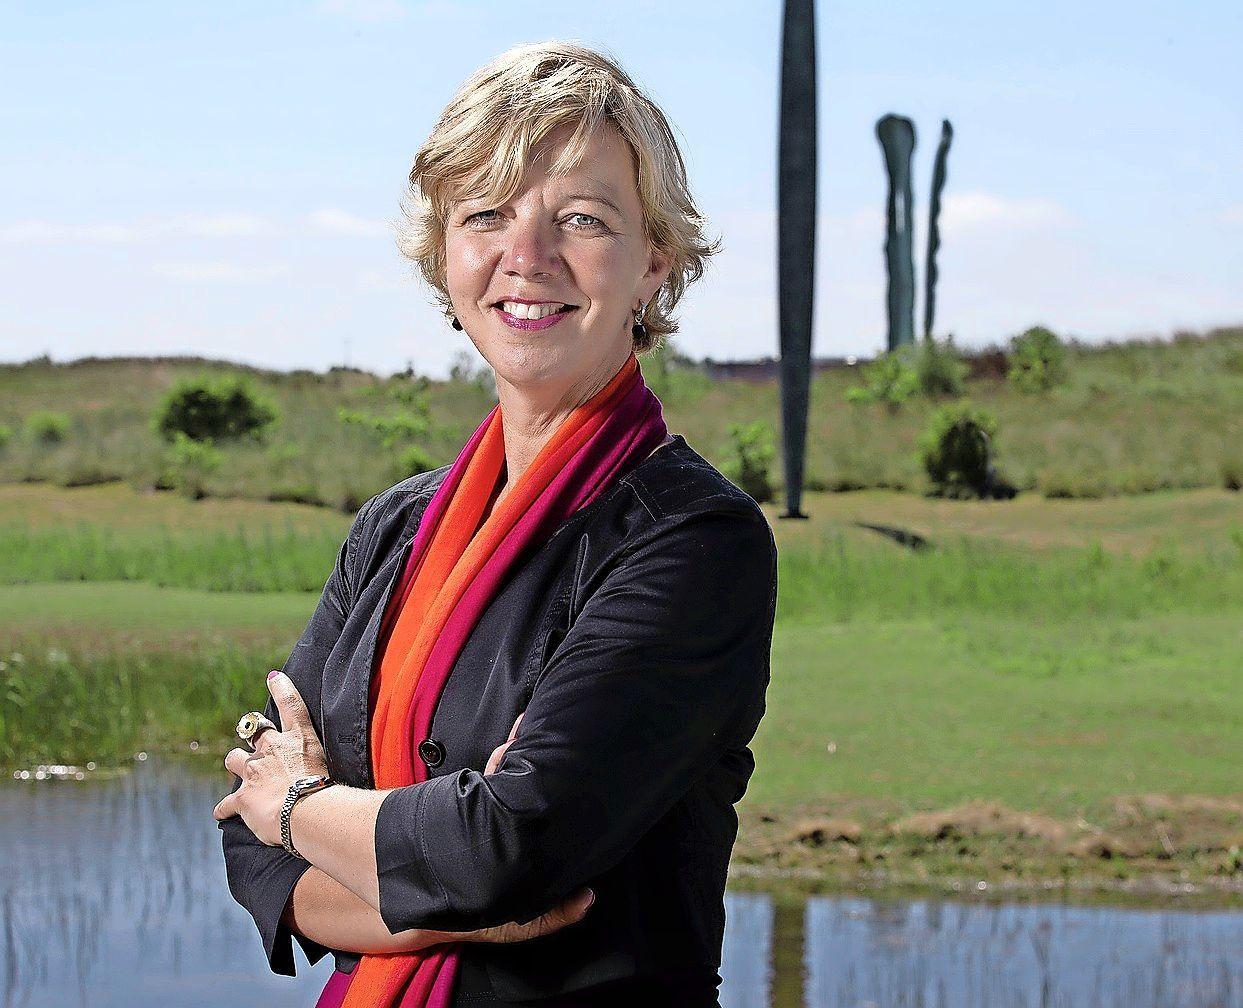 Wethouder Heleen Keur van Den Helder binnenkort weer terug op haar post